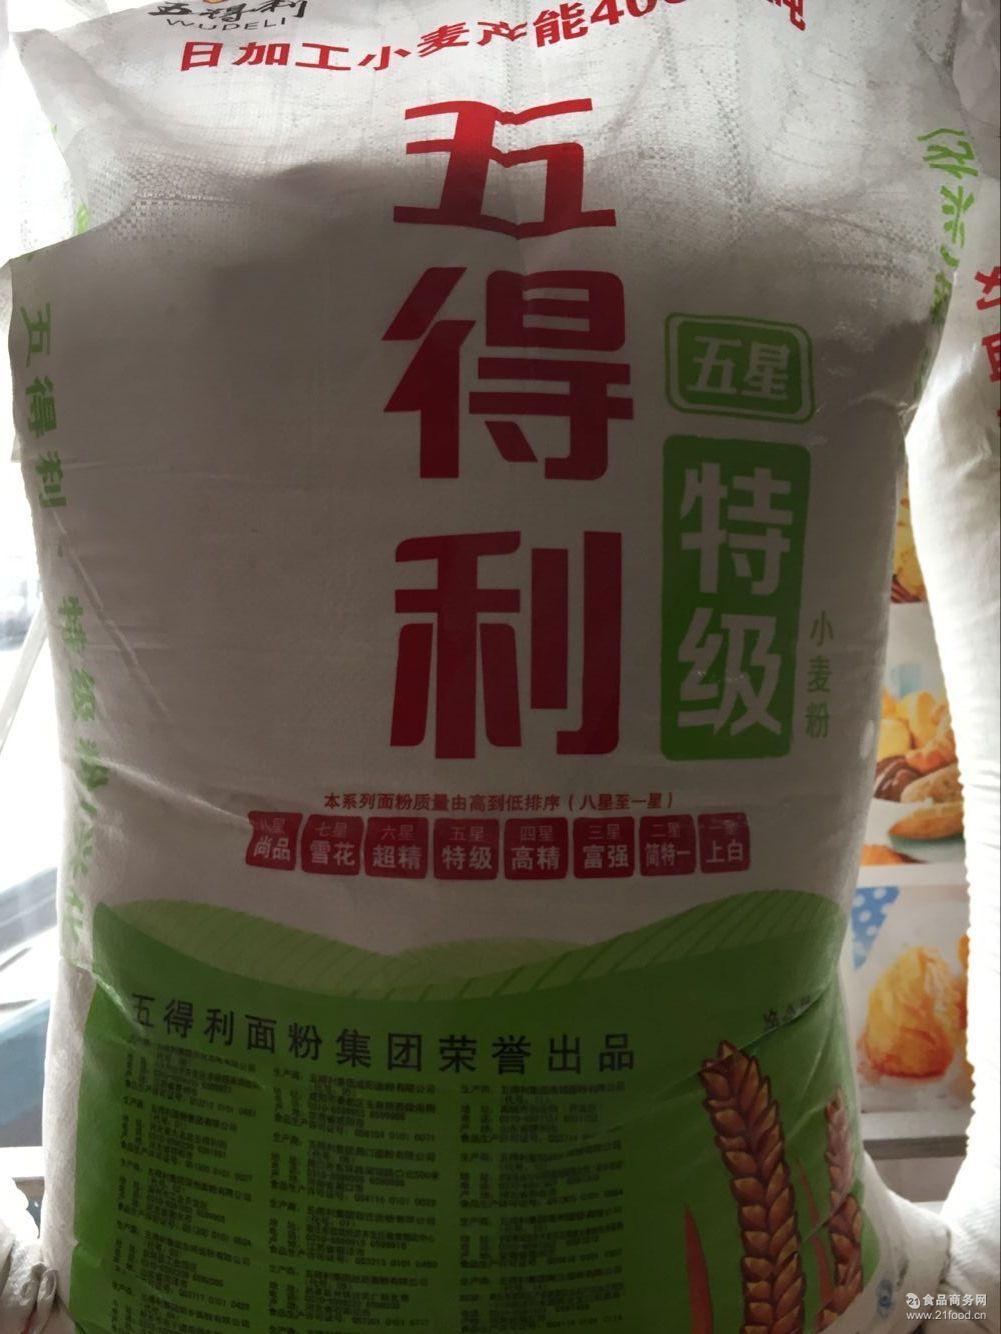 供应 五得利特级面粉 兴化生产 馒头专用 厂家直销 25kg一袋图片